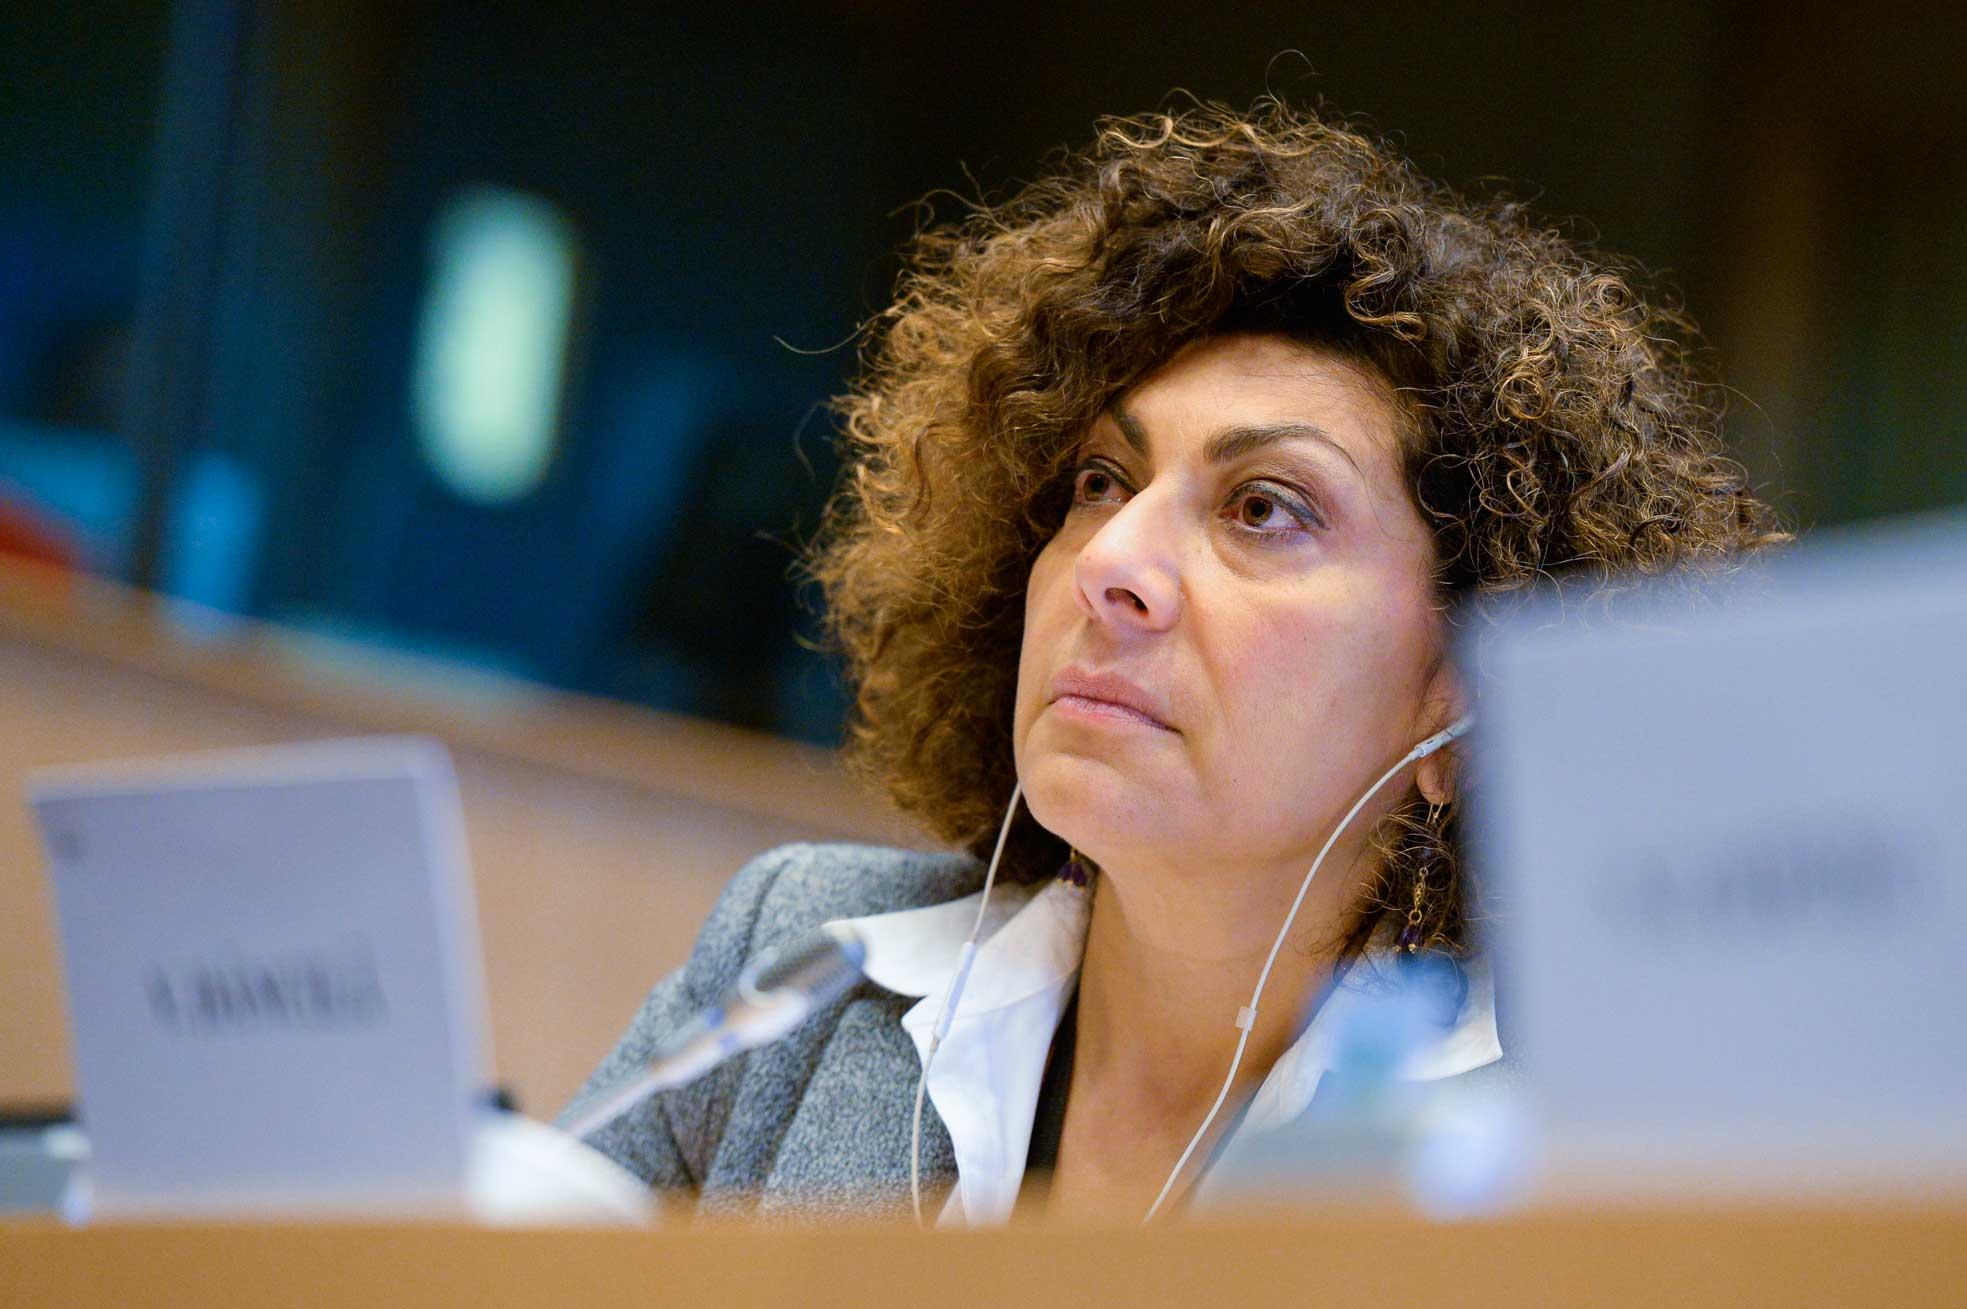 """Fondi europei, Giuffrida (Pd): """"unico strumento per creare sviluppo e occupazione, importante è non vanificarne l'uso"""""""